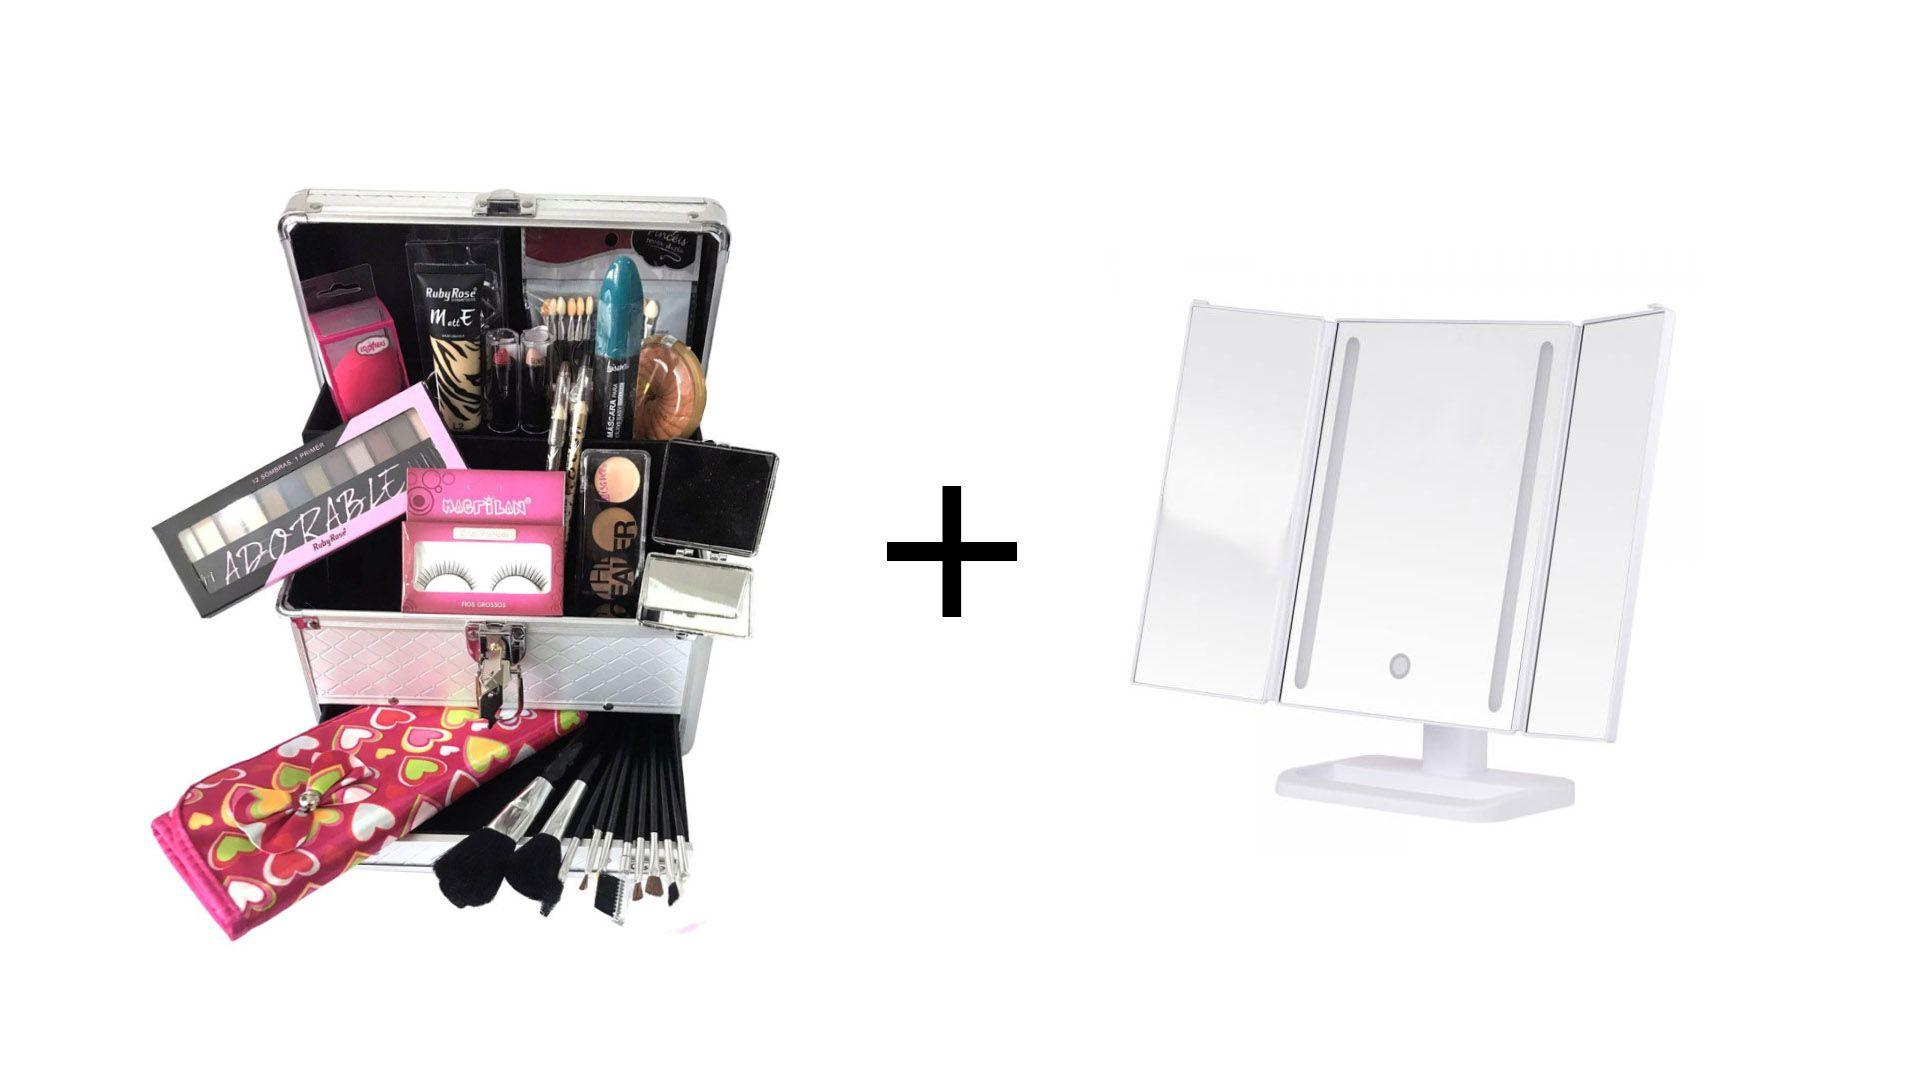 Maleta de Maquiagem Grande Kit de Maquiagem Profissional Ruby Rose + DC104 Branco